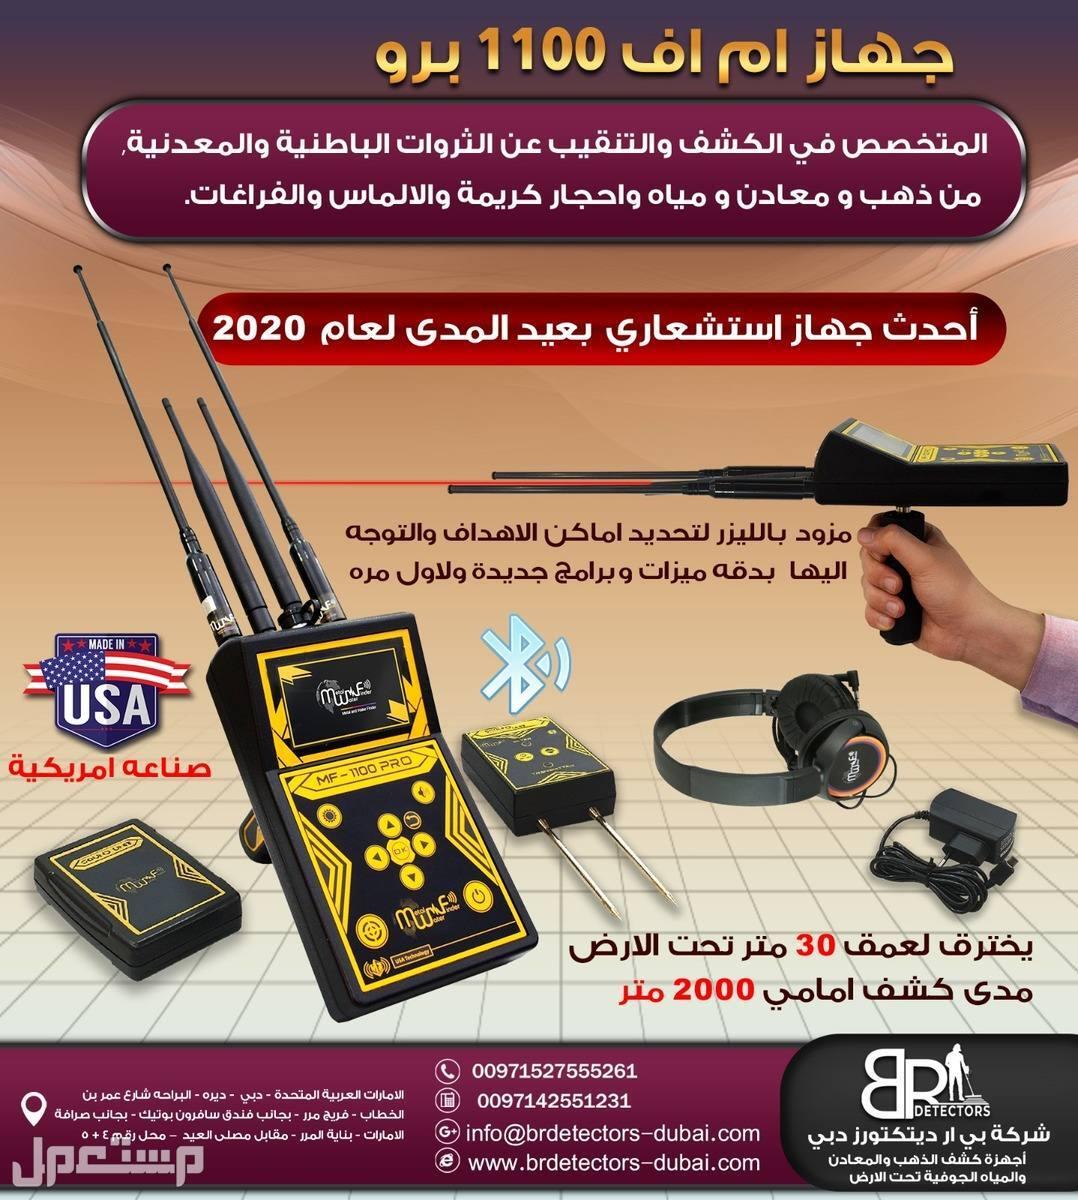 احدث اجهزة كشف الذهب في السعودية 2021 - ام اف 100 برو احدث اجهزة كشف الذهب في السعودية 2021 - ام اف 100 برو